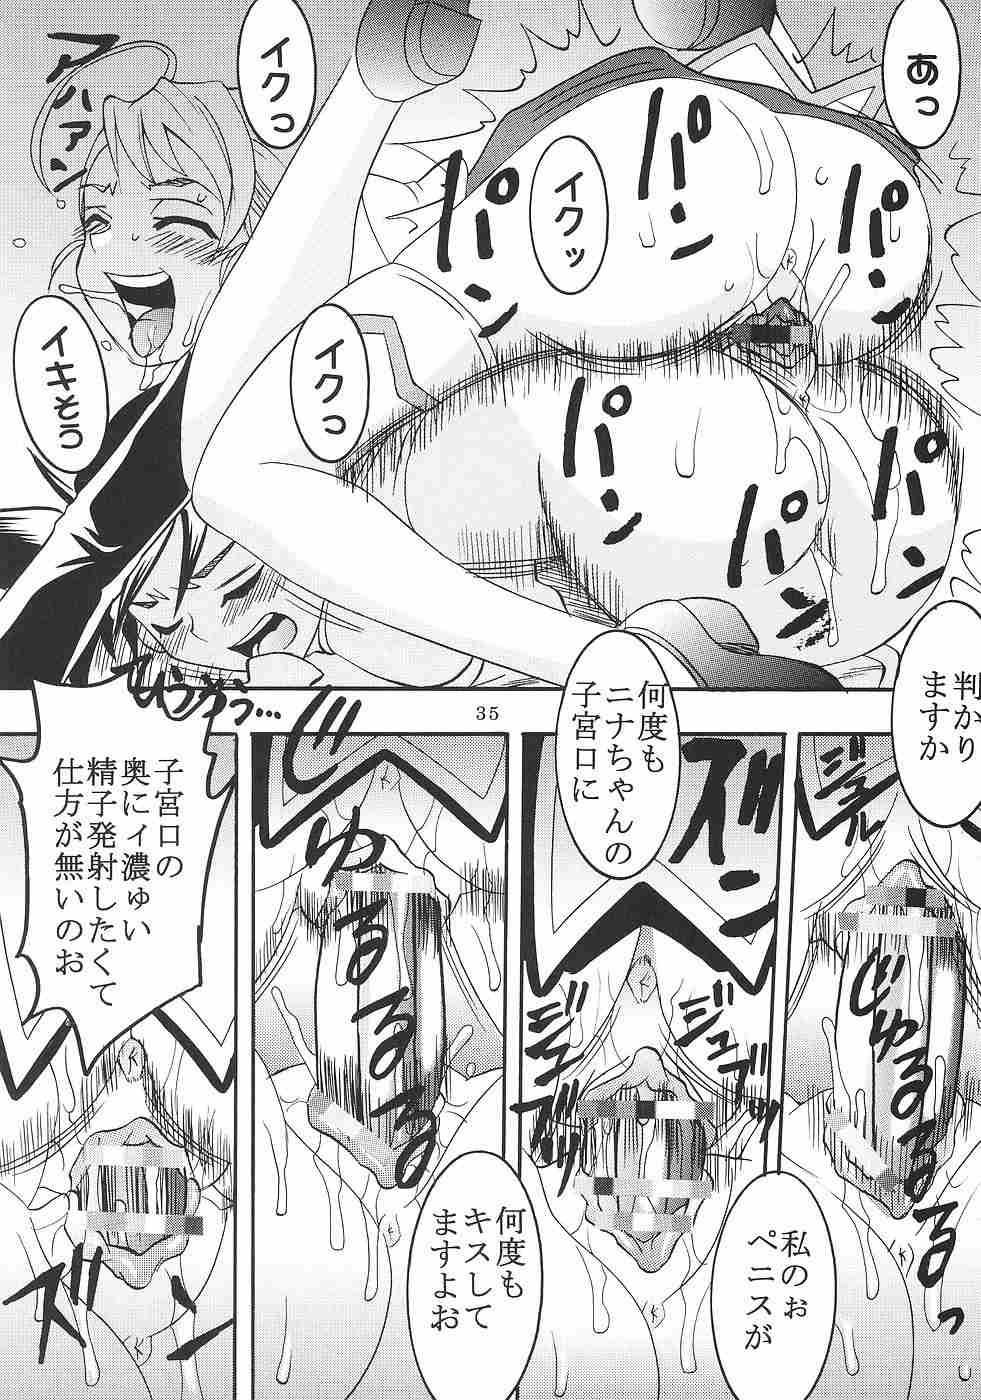 Shakume No Mai Otsukamichu 2 35